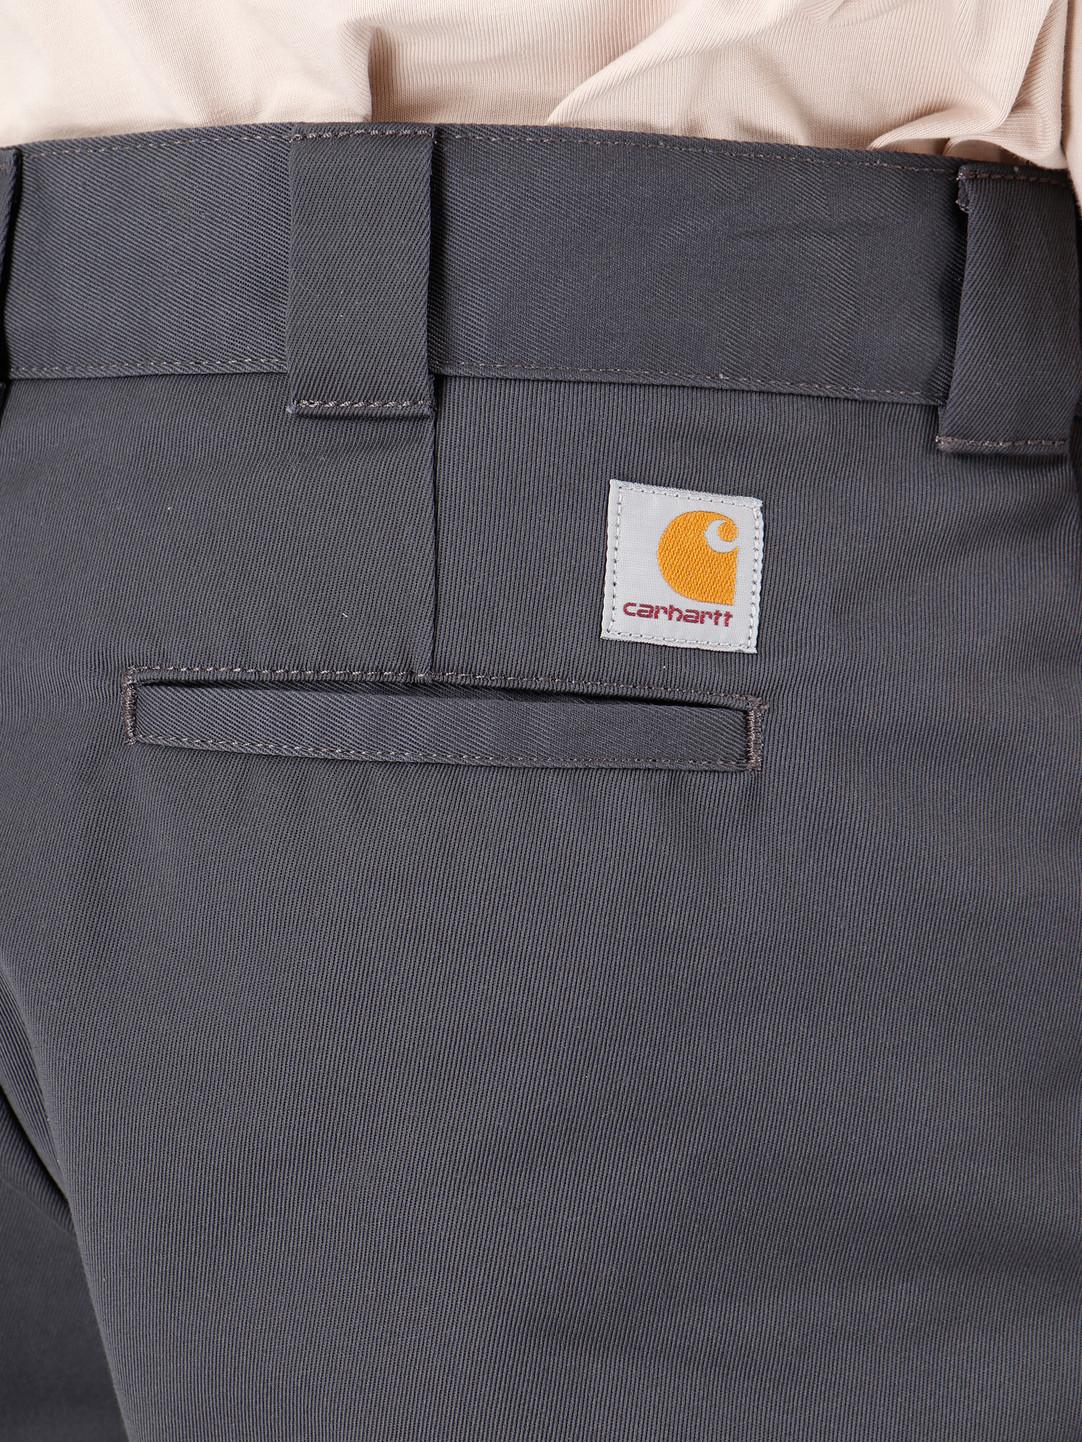 Carhartt WIP Carhartt WIP Master Pant Blacksmith I020074